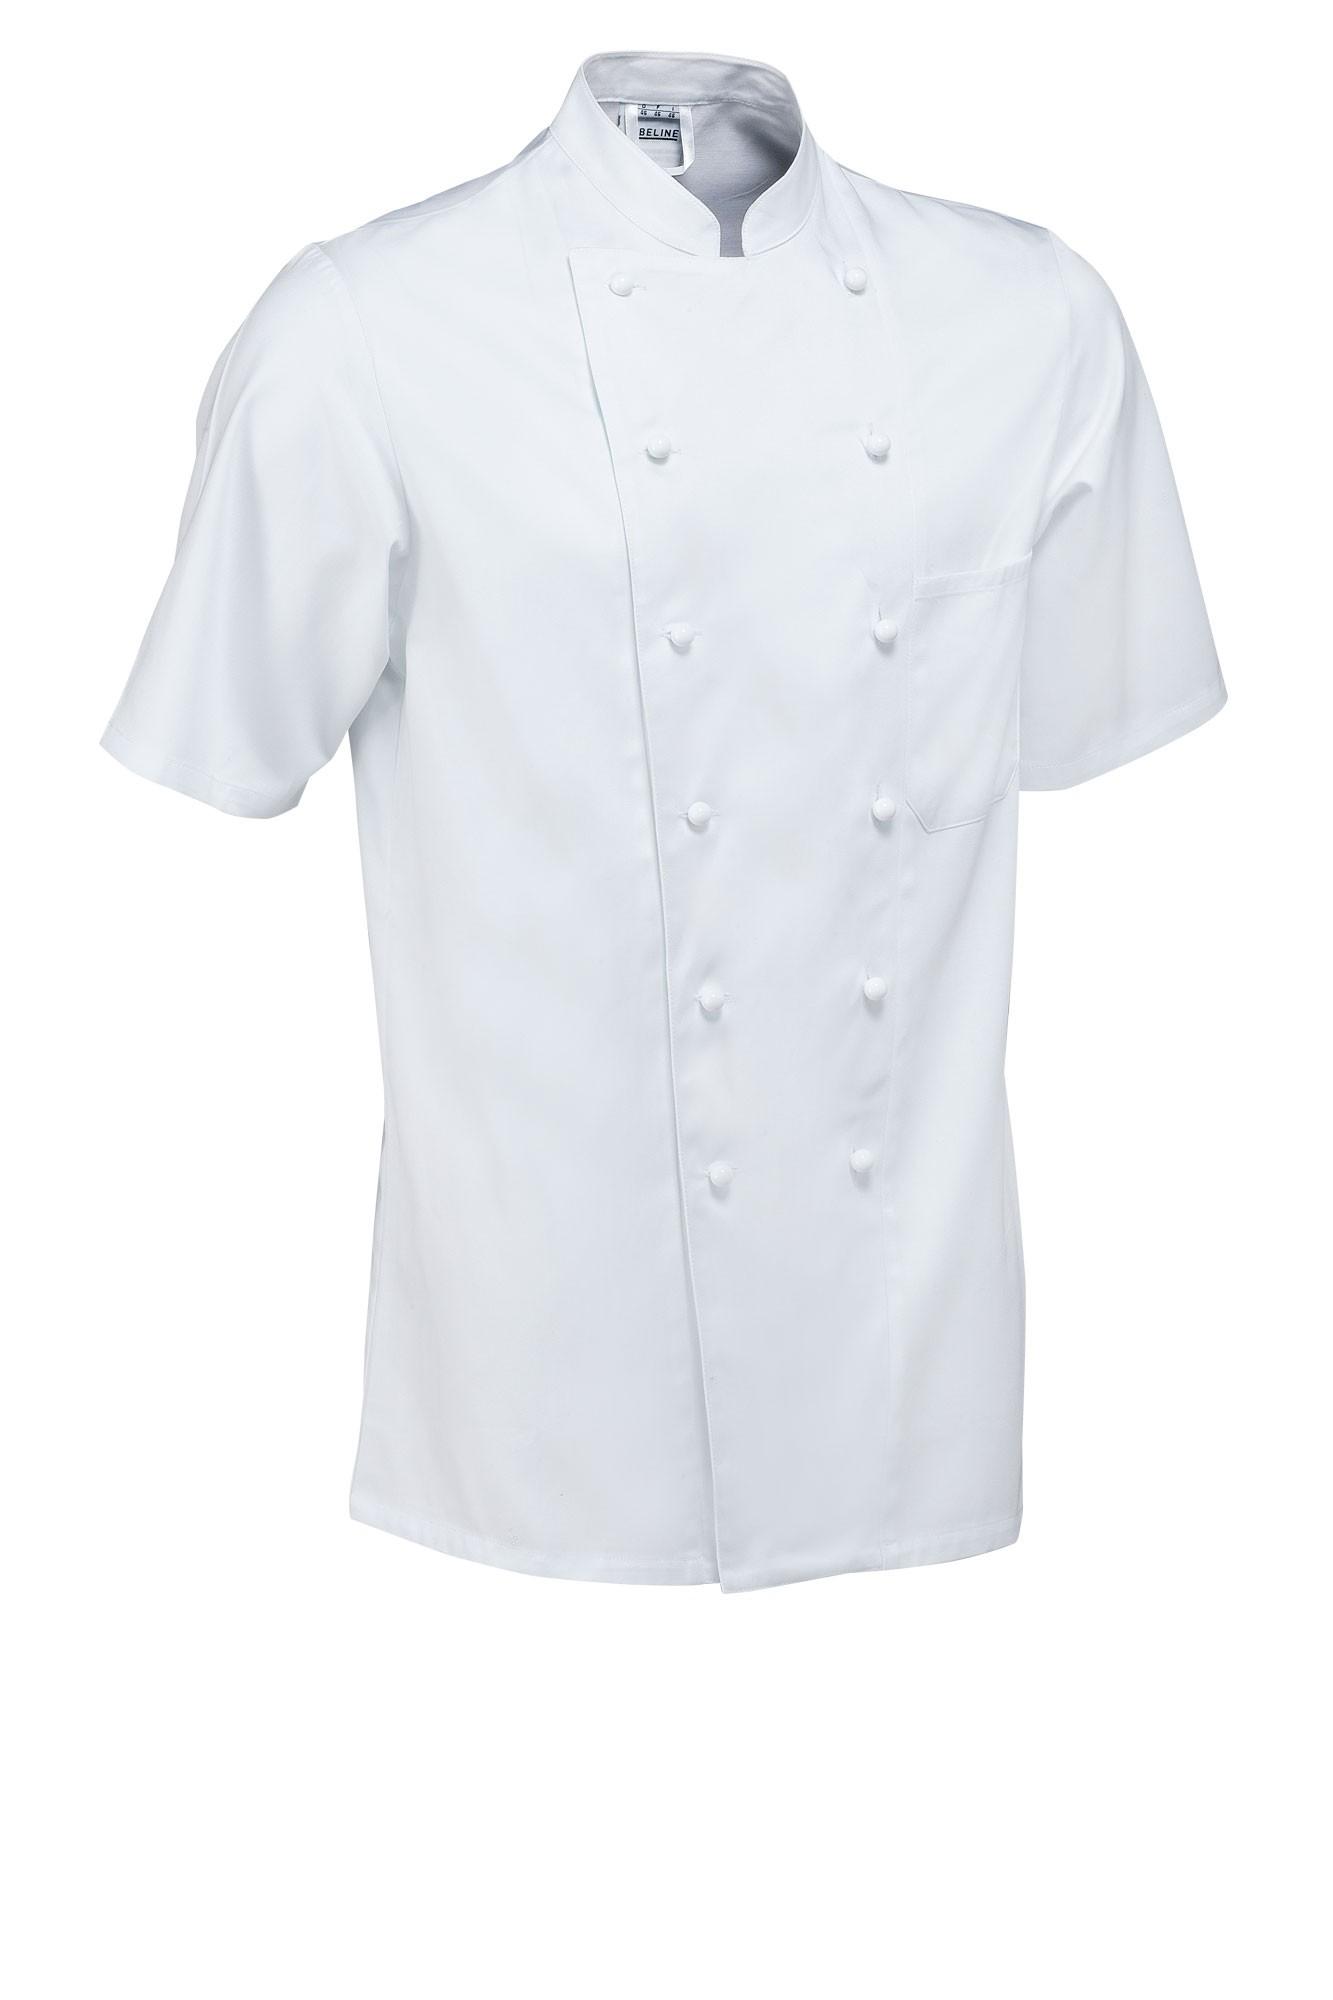 Rondon Samuel - krátký rukáv - bílá/bílé lemování